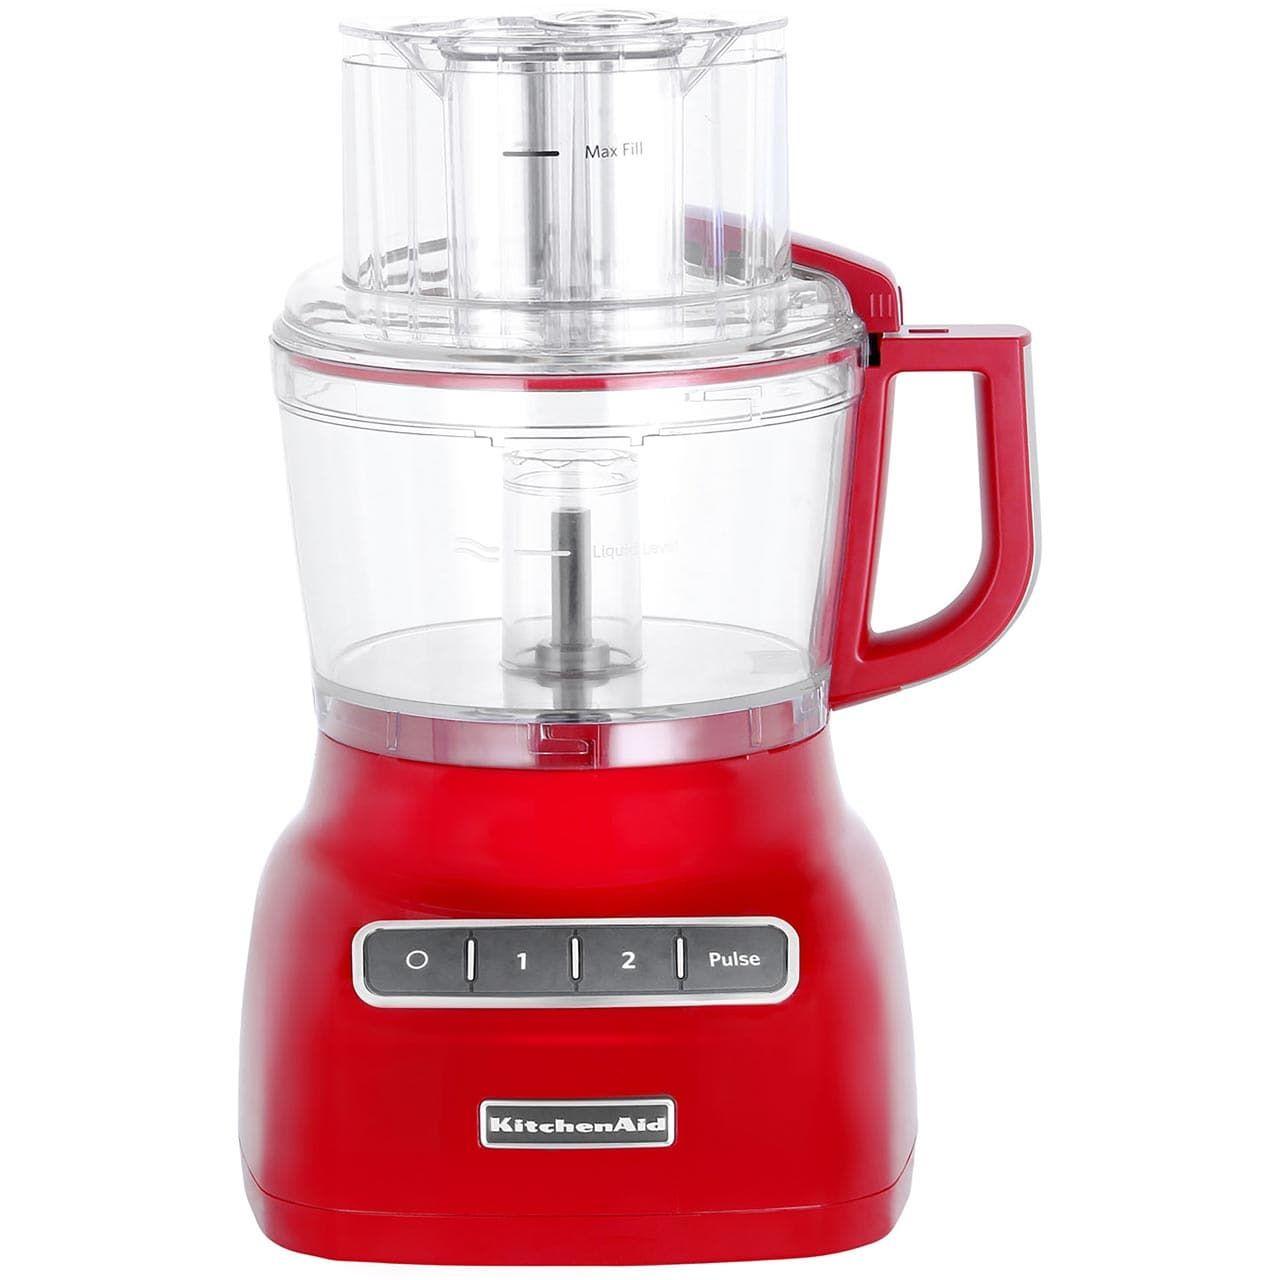 Kitchenaid 21 litre 5kfp0925ber 21 litre food processor